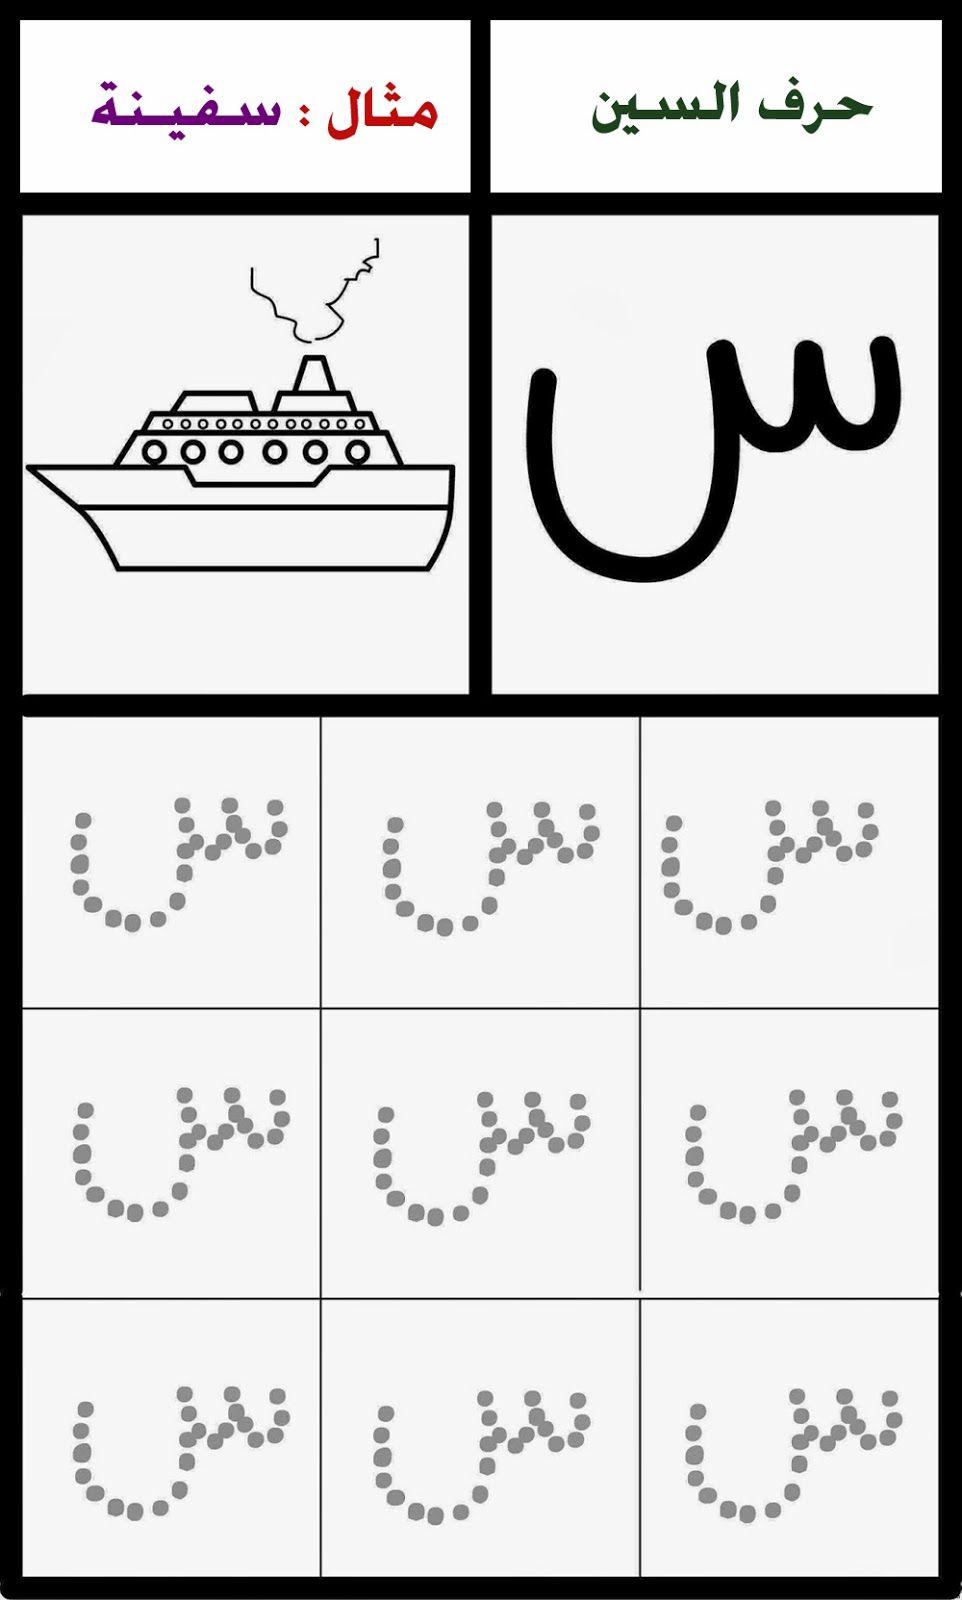 من هذه الصفحة الجديدة تجد تحميل البوم صور لرسم اشكال حروف هجاء اللغة العربية مع ال Arabic Alphabet For Kids Learn Arabic Alphabet Alphabet Worksheets Preschool